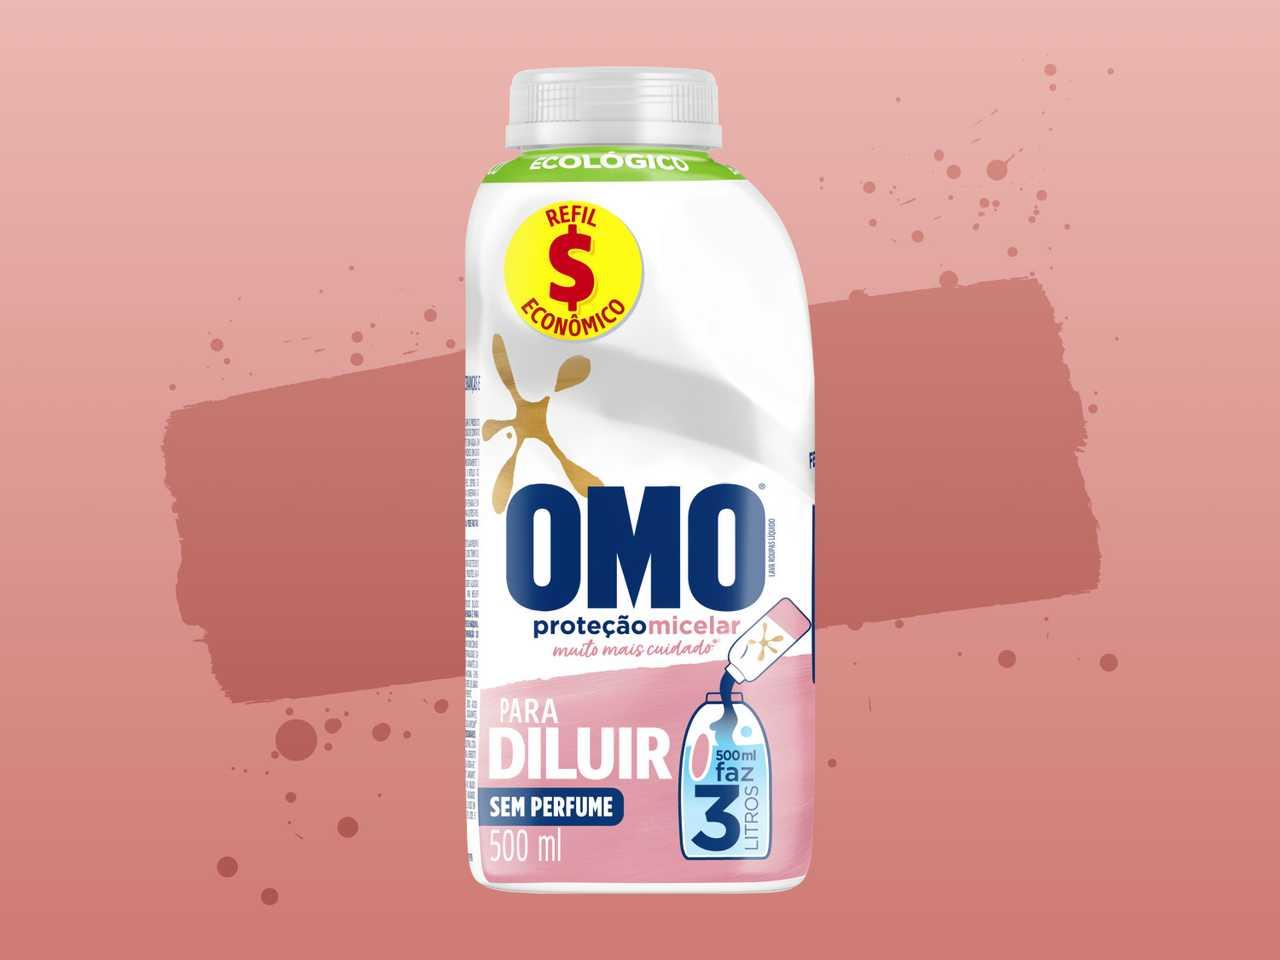 OMO Proteção Micelar para Diluir banner de produto